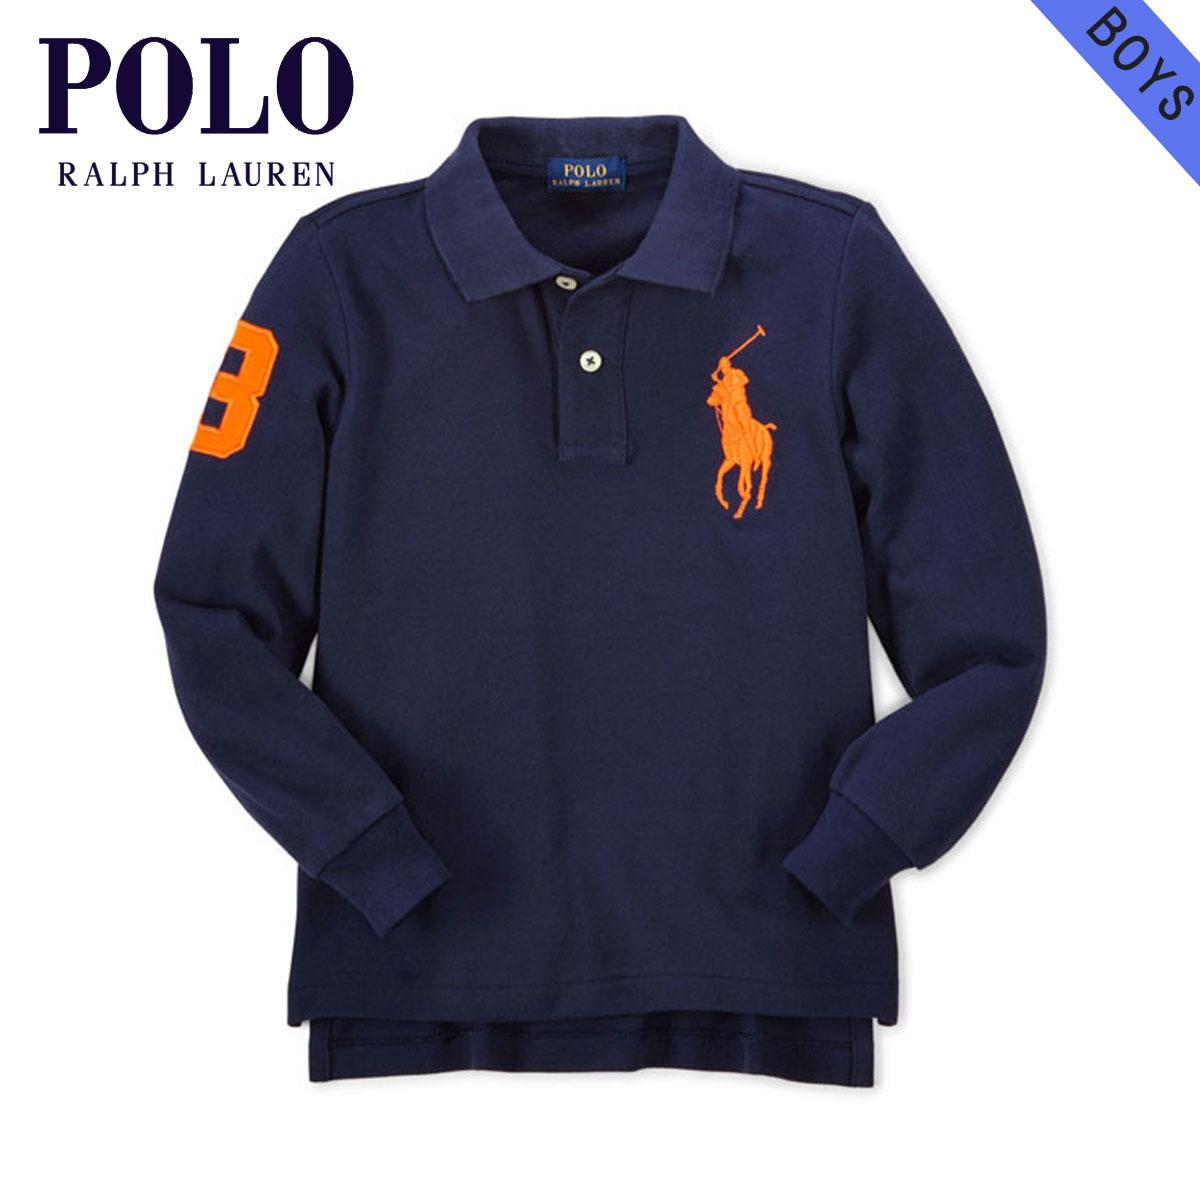 f6a46c87 Polo Ralph Lauren kids POLO RALPH LAUREN CHILDREN regular article children's  clothes boys long sleeves polo ...